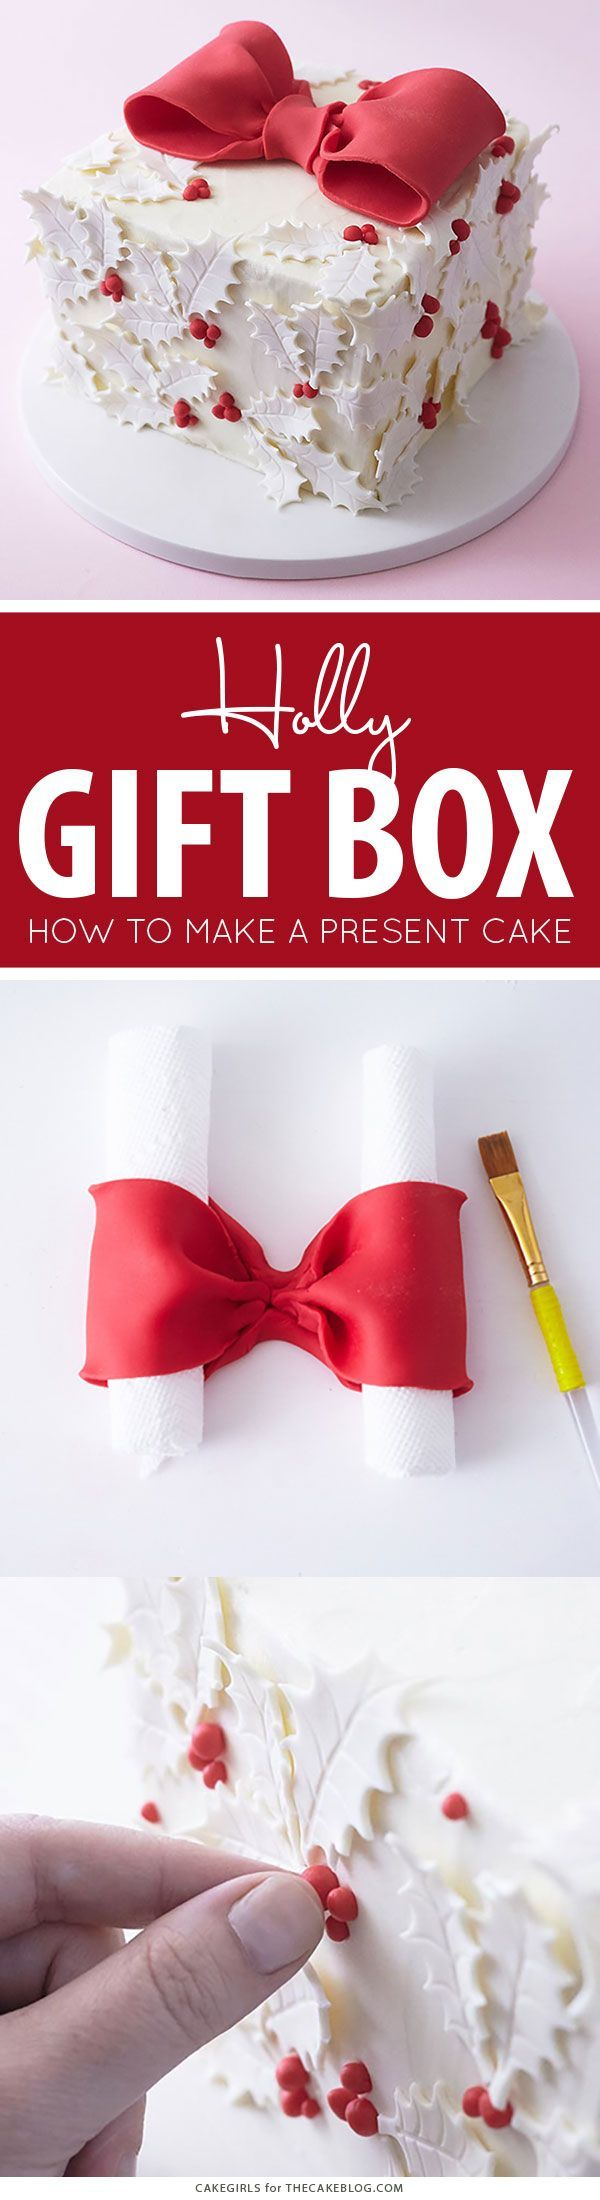 Holly gift box cake boxed cake cake and box holly gift box cake negle Images